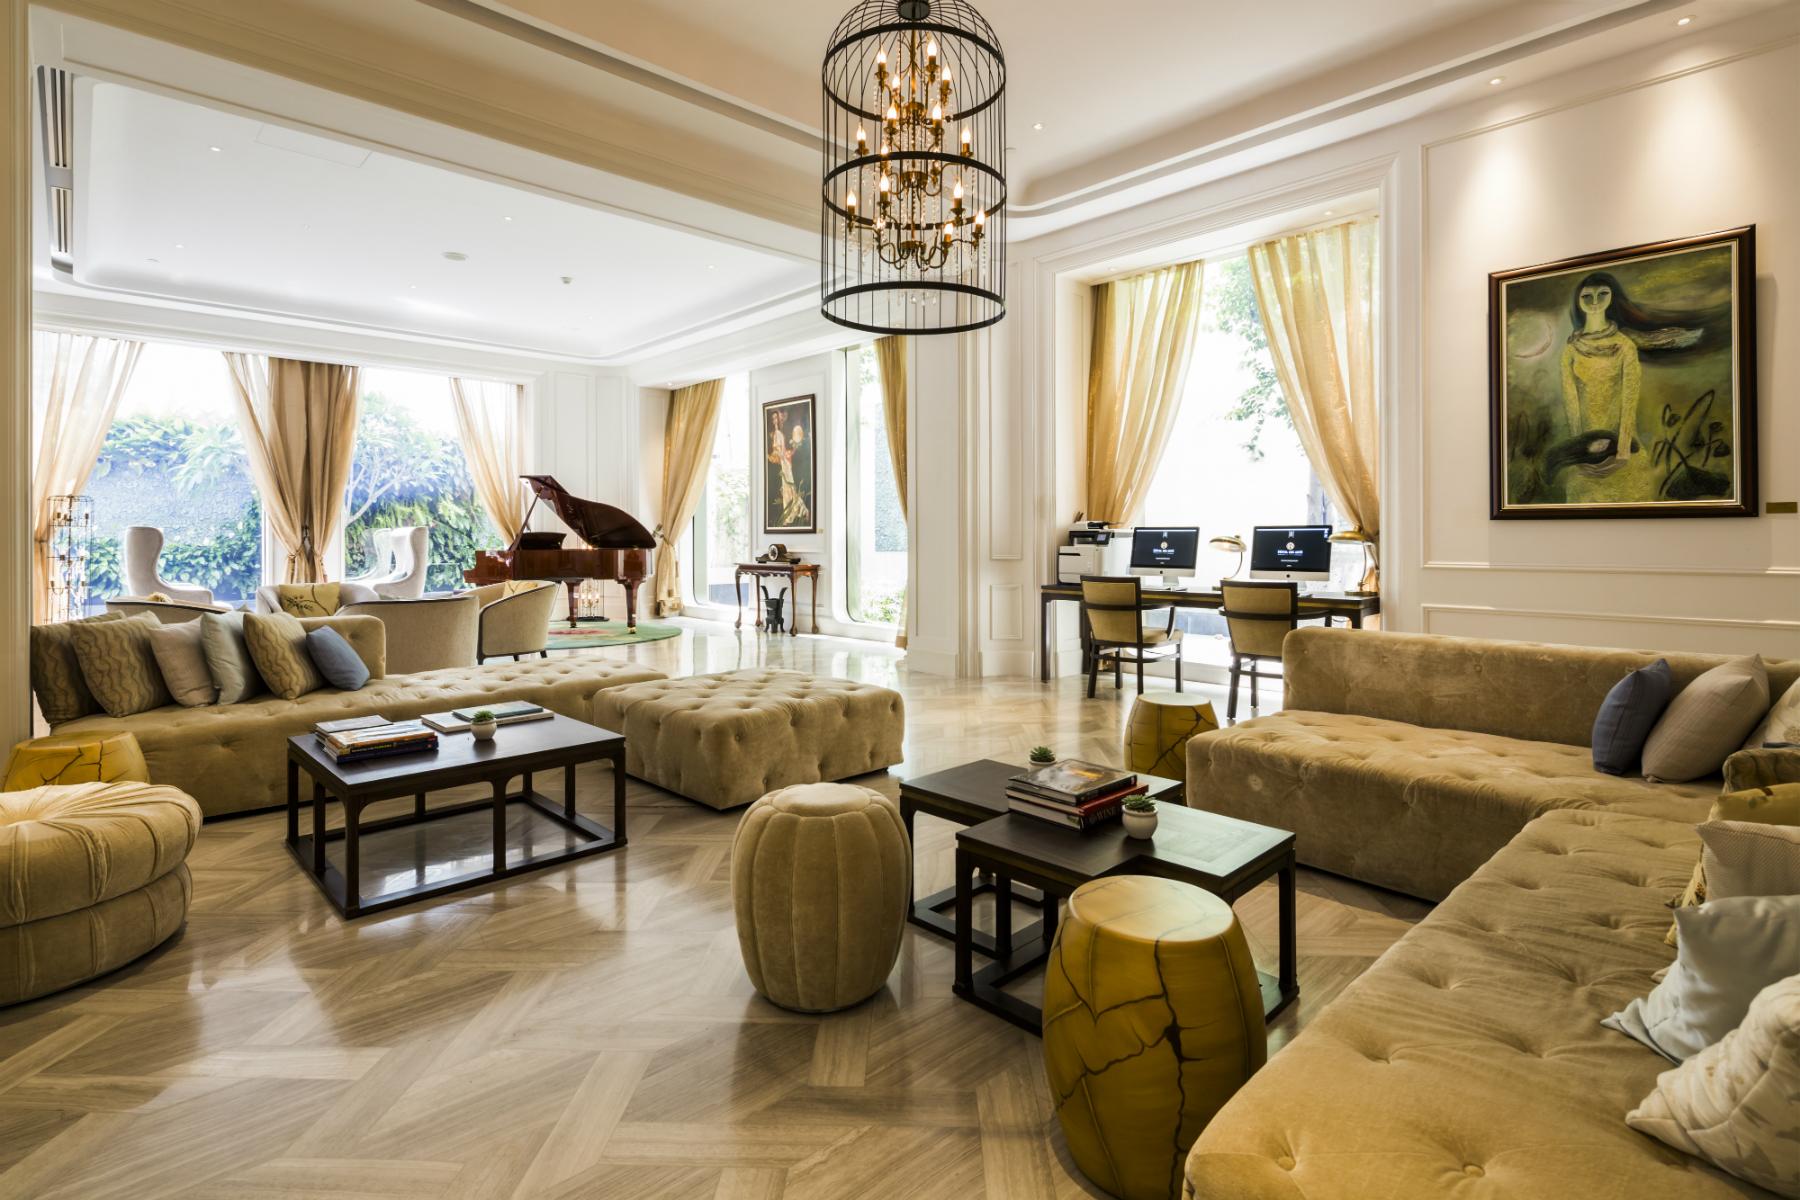 H tel des arts saigon mgallery collection joie de vivre for Design hotel vietnam